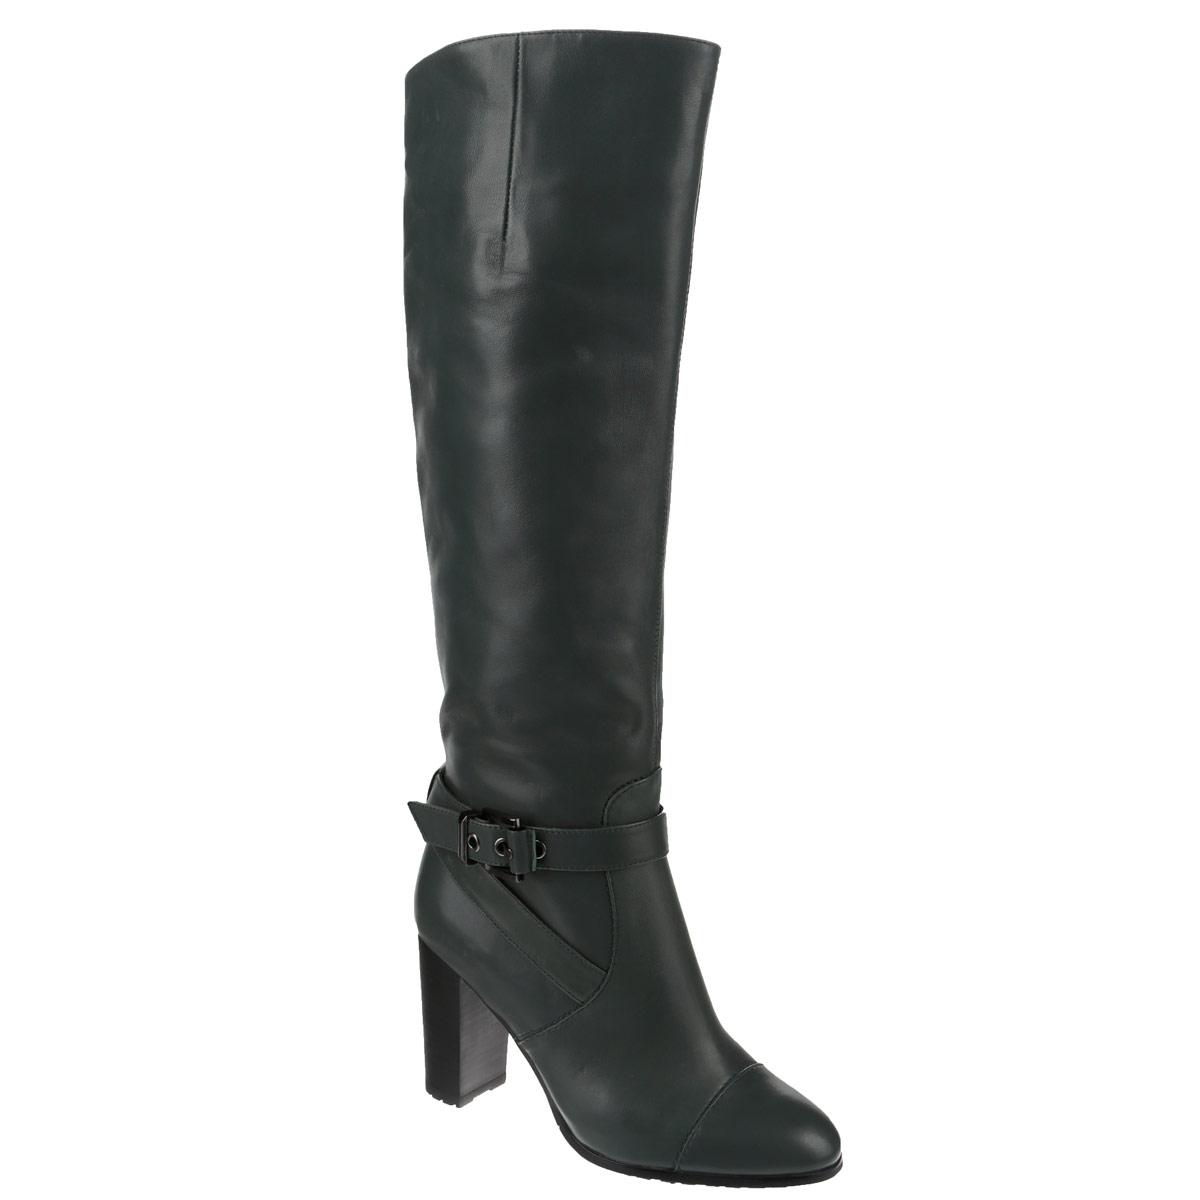 Сапоги женские. CZL144H-258B-LCZL144H-258B-LЖенские сапоги на каблуке от Lisette прекрасно подчеркнут ваш стиль. Верх модели выполнен из натуральной кожи. Мягкая байковая подкладка не позволит вашим ногам замерзнуть. Застегиваются сапоги на застежку-молнию до середины голени. Эластичные вставки из резинки на голенище позволят изделию идеально сесть на ноге. Оформлена модель декоративными ремешками с металлической пряжкой. Подошва выполнена из прочной резины. Каблук устойчивый. Такие сапоги сделают вас ярче и подчеркнут вашу женственность.